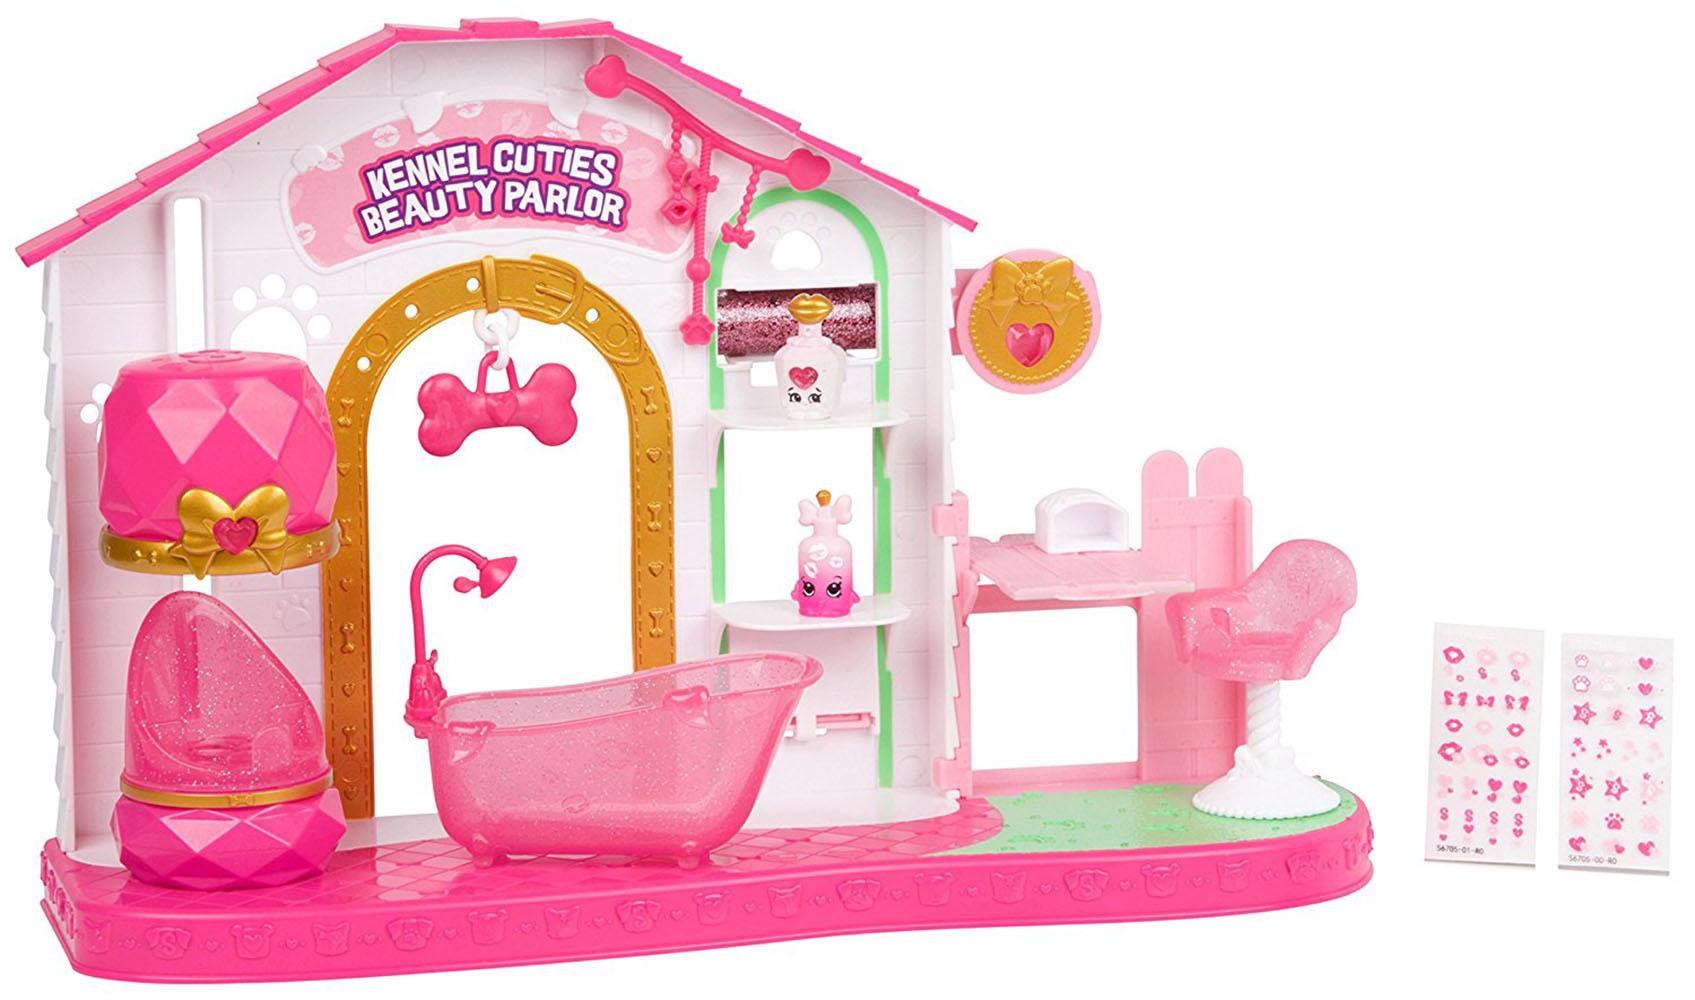 Shopkins Wild Style Salon de toilettage de Kennel saison 9